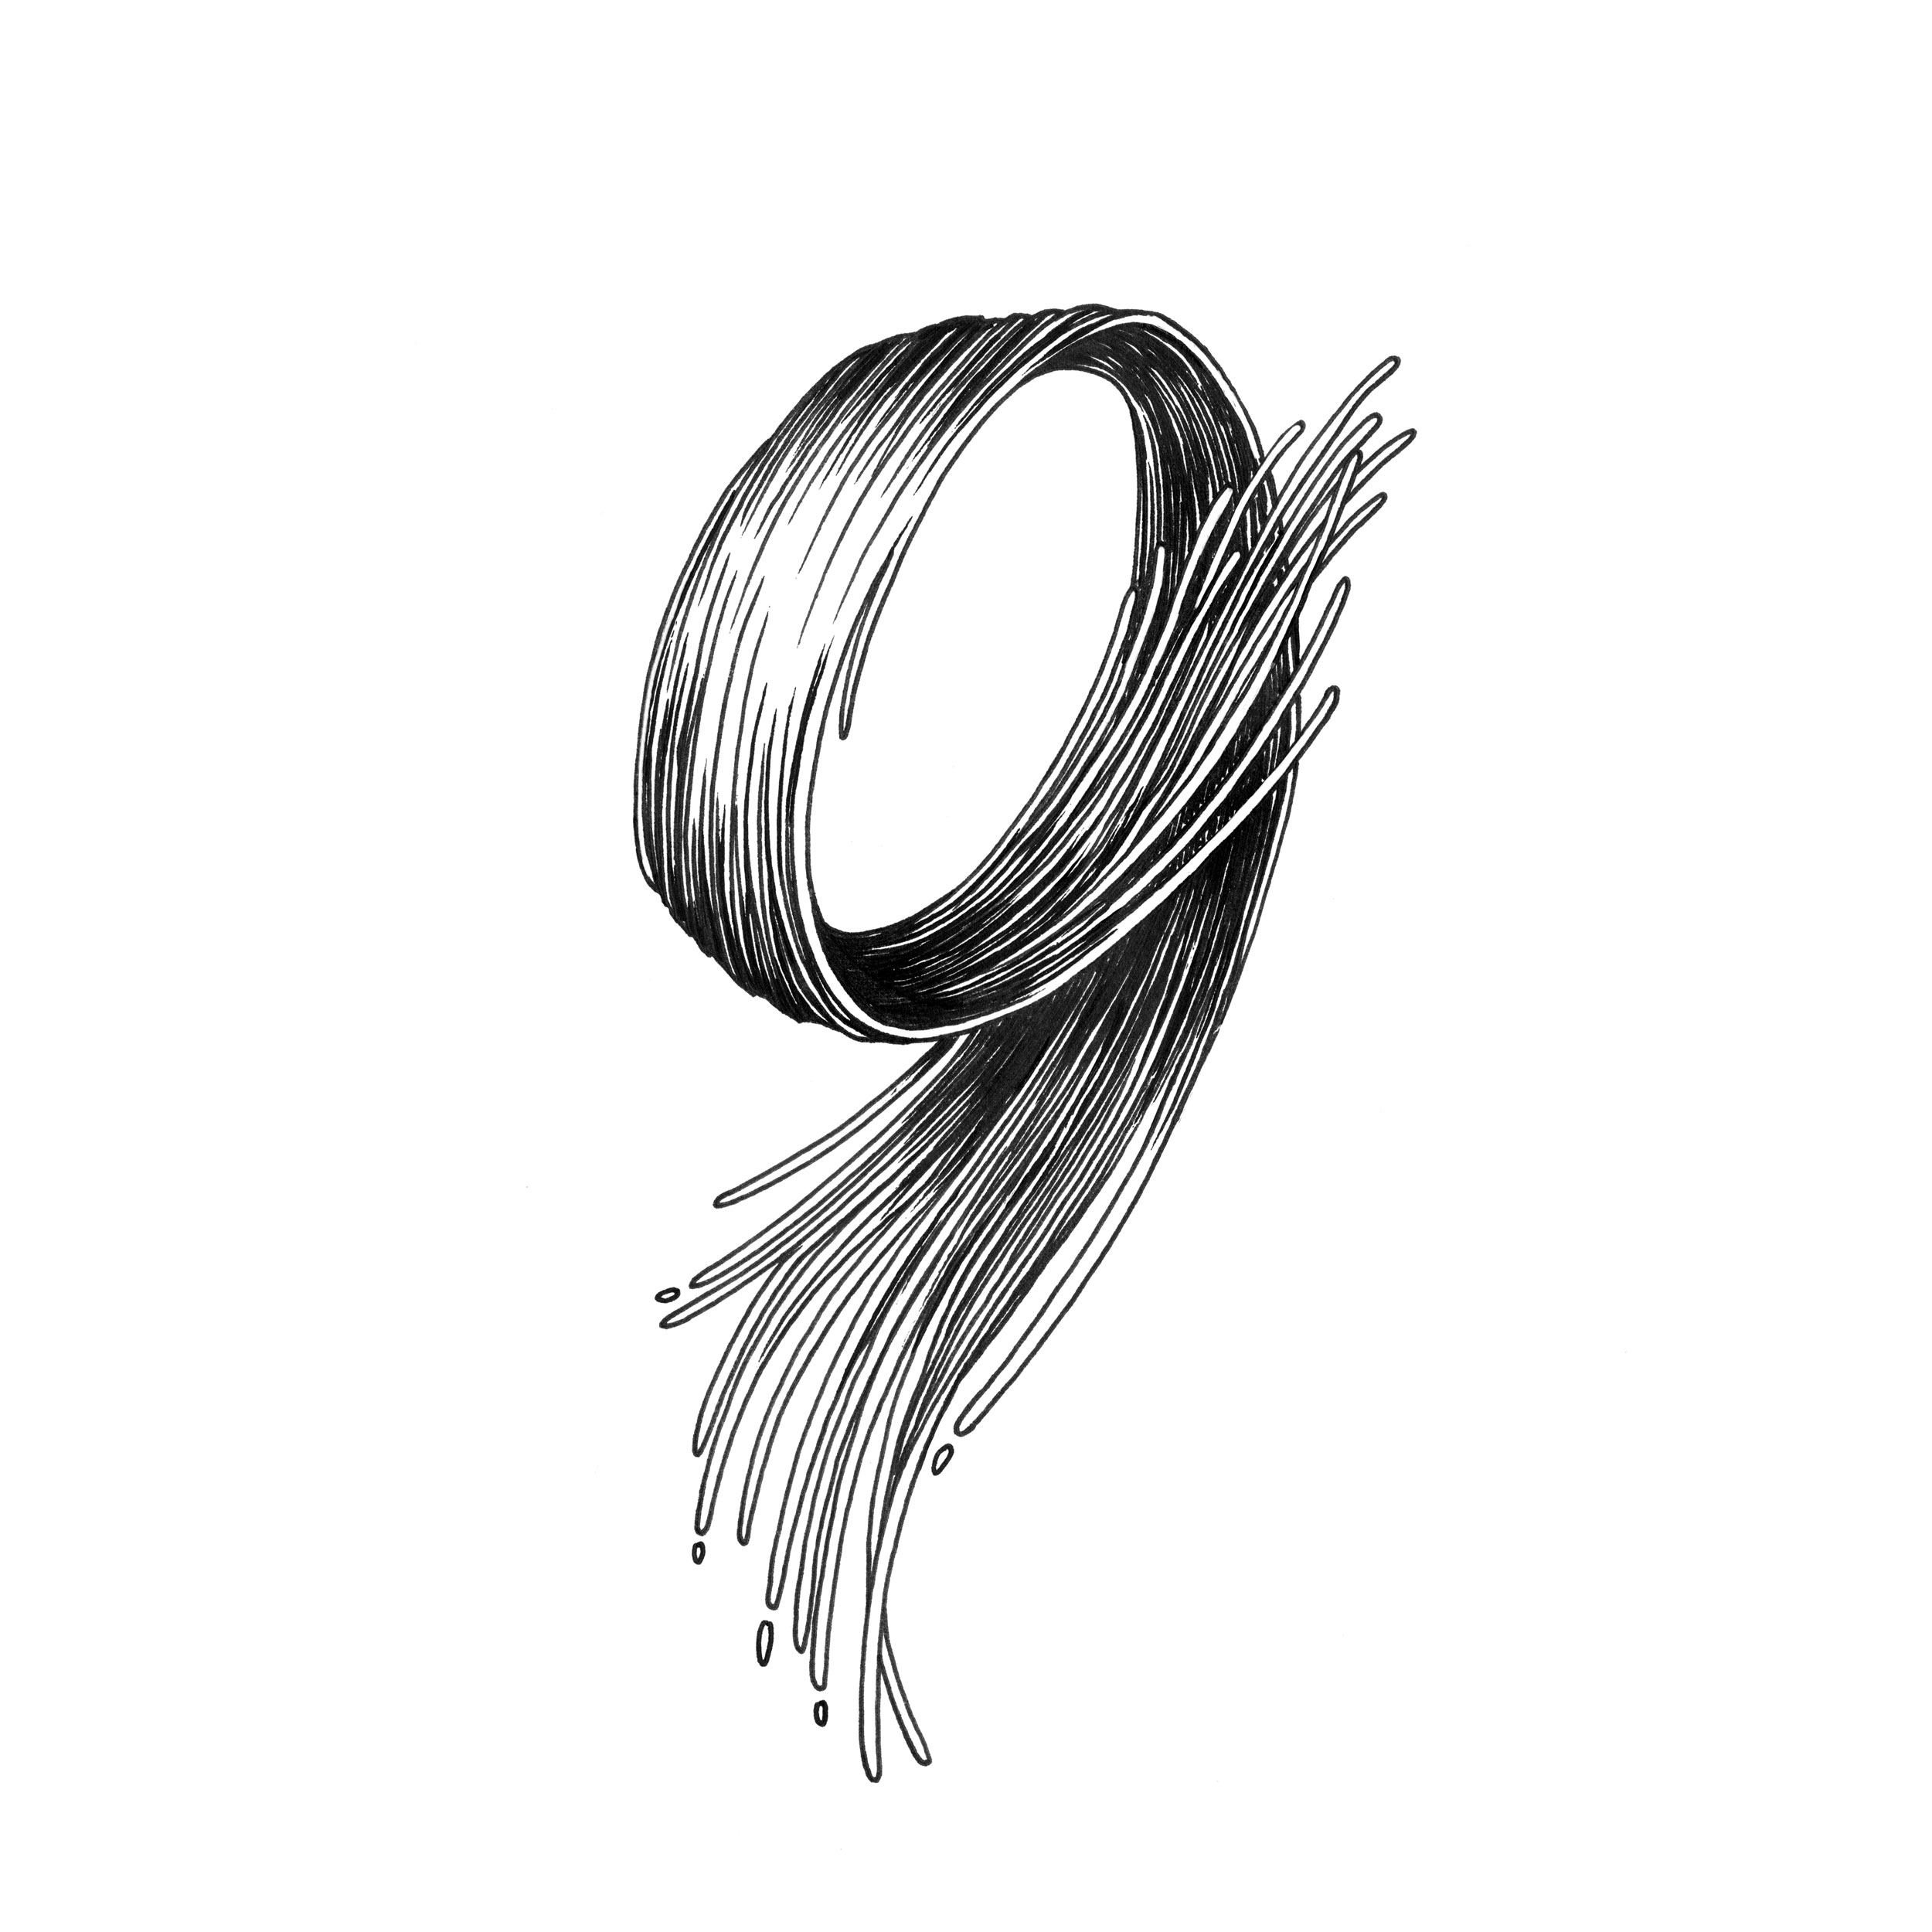 9_02-web.jpg